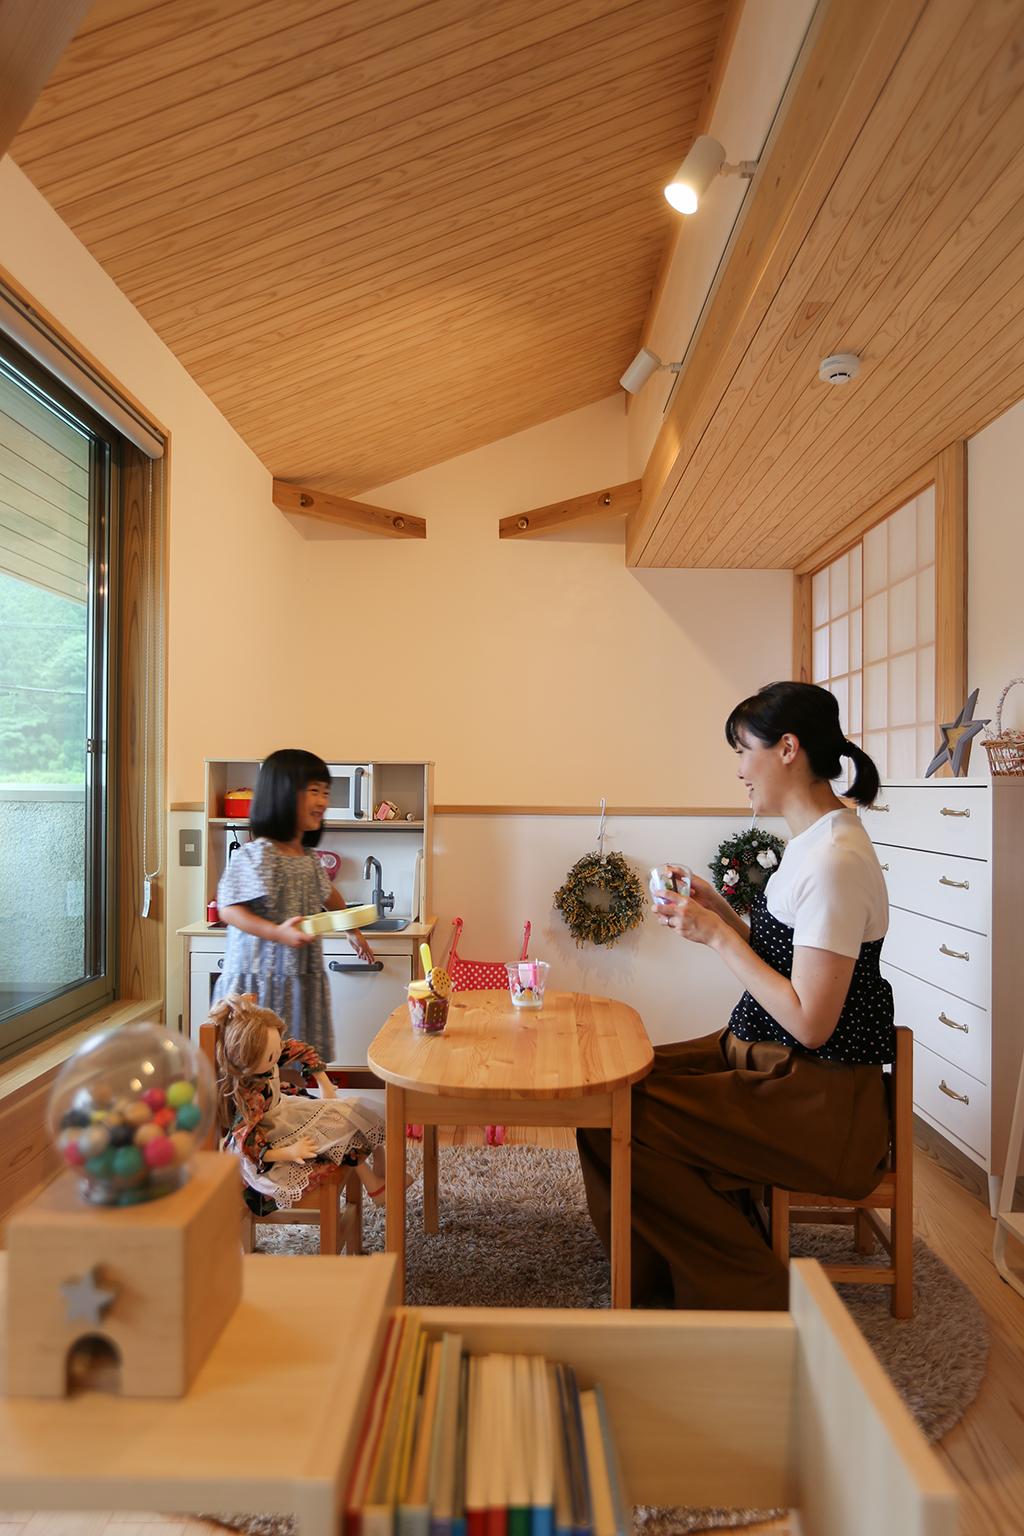 宍粟市の木の家 2階フリールーム